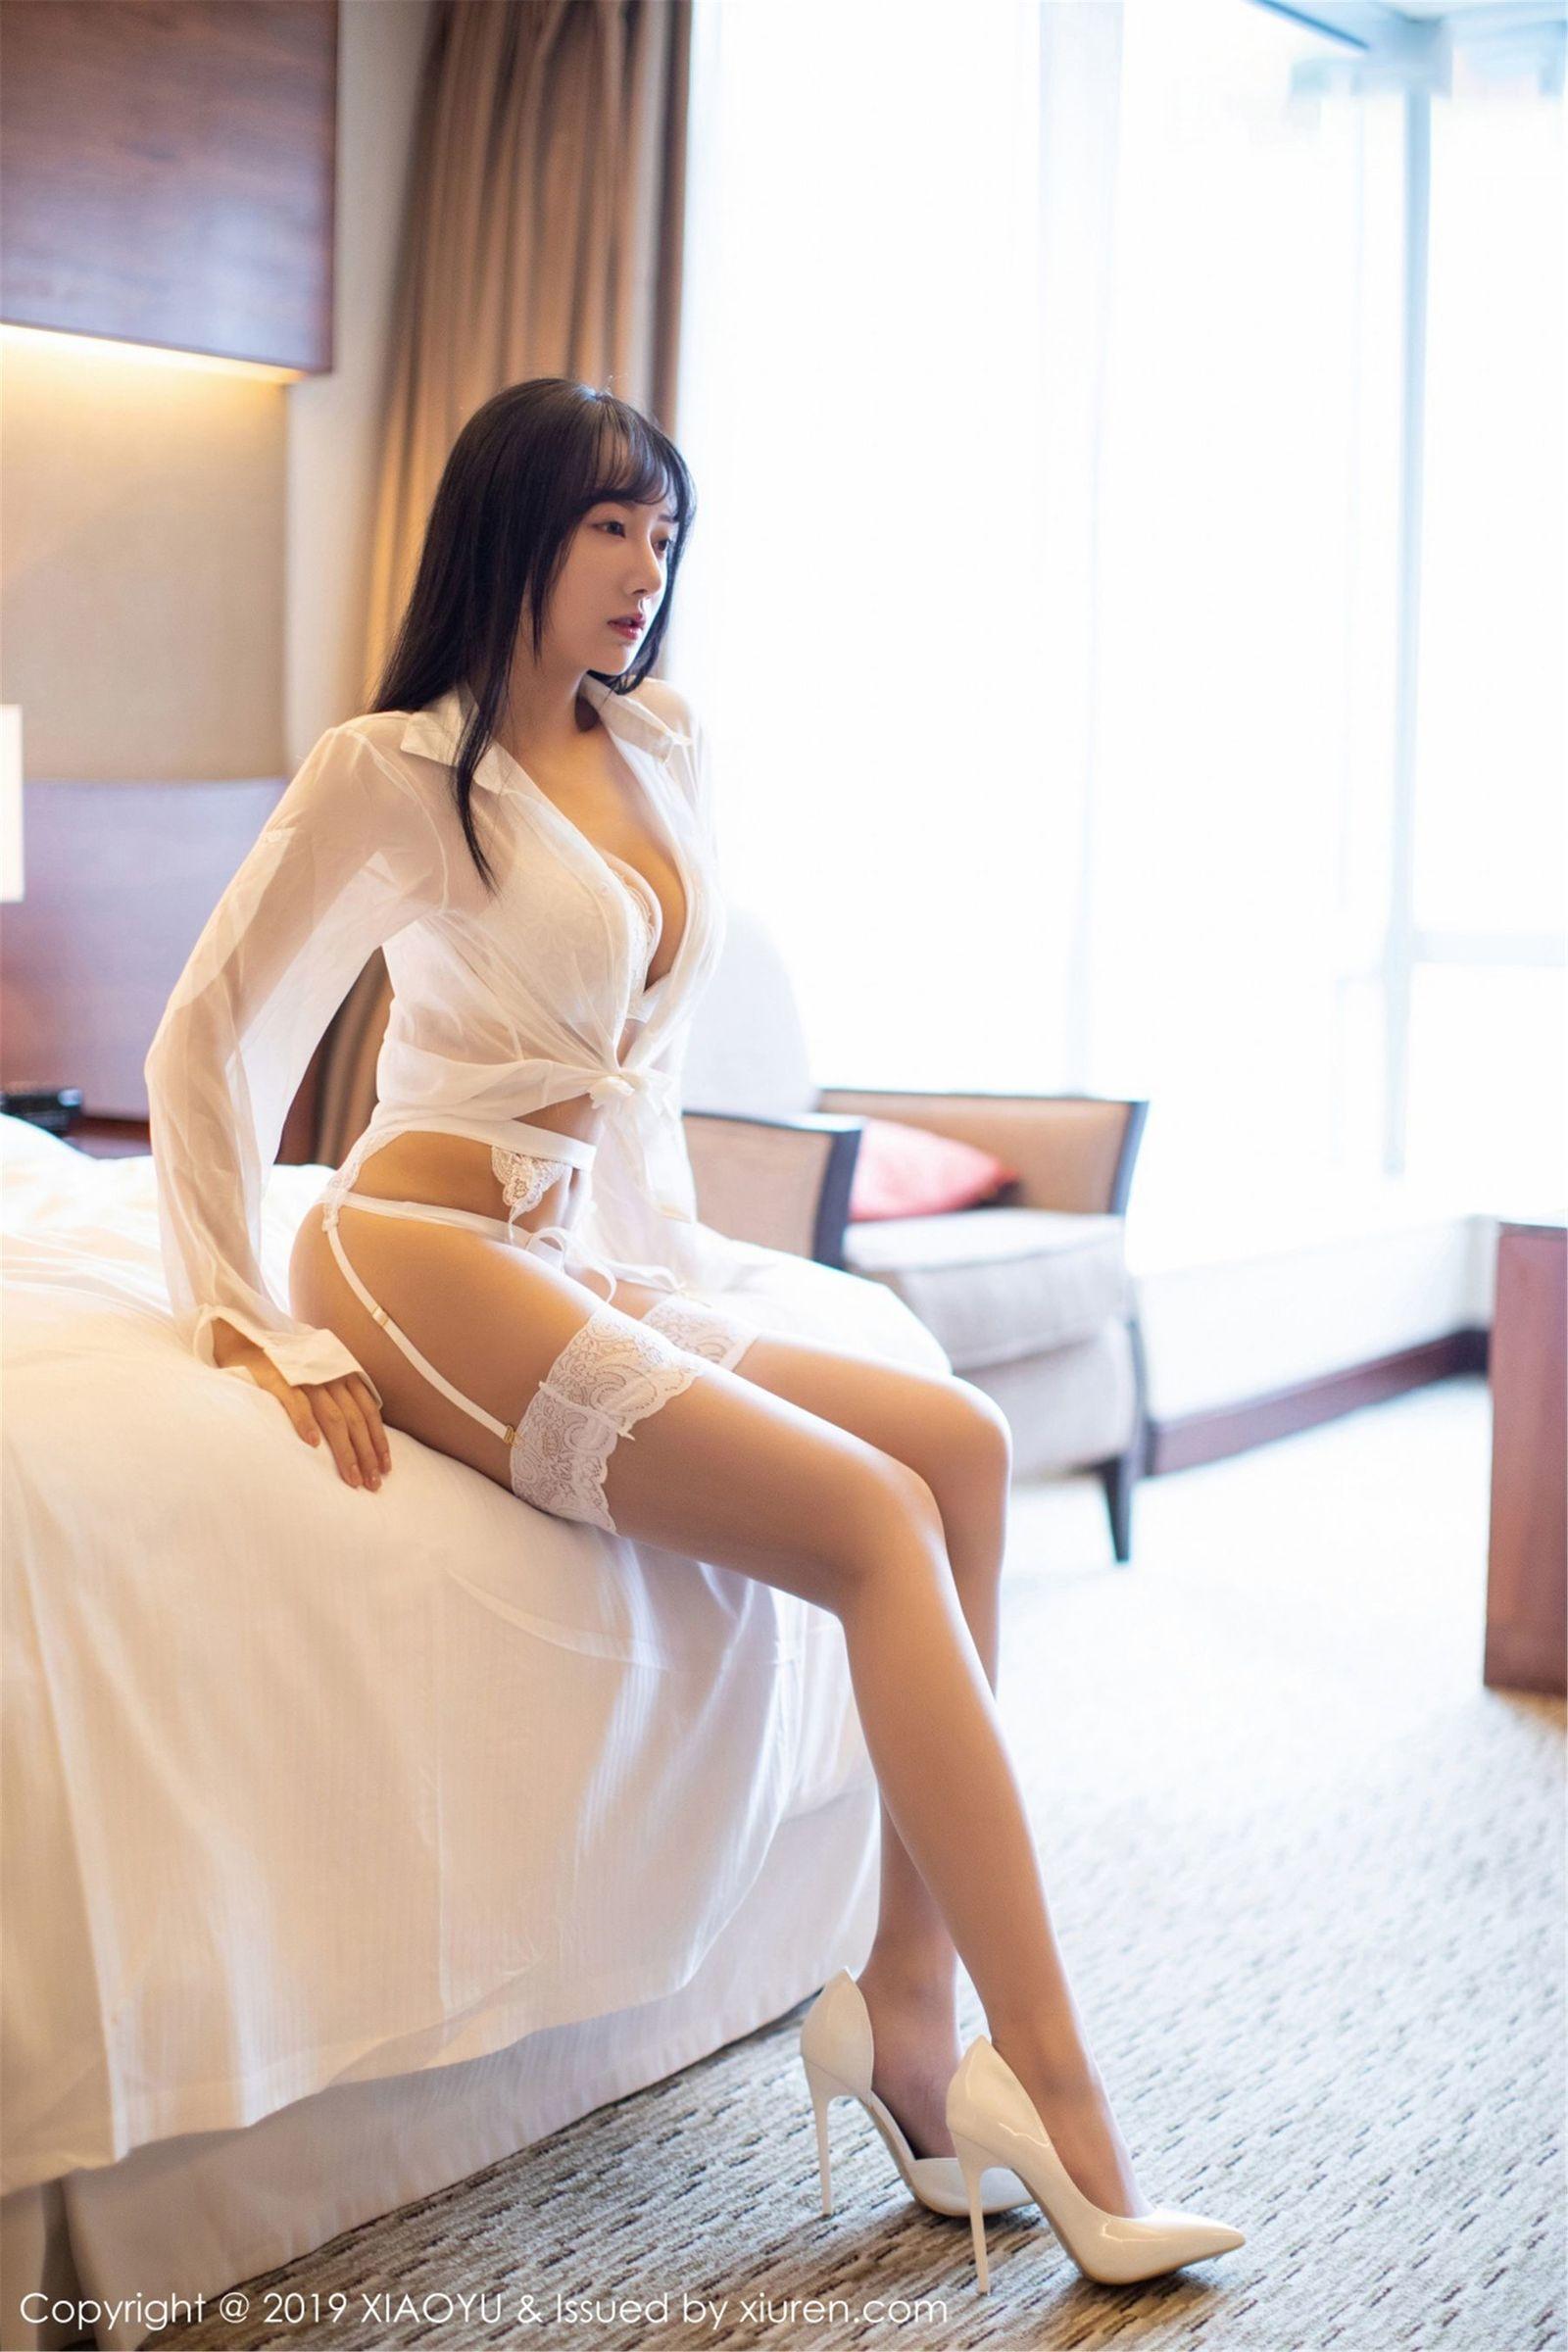 [XIAOYU语画界] Vol.076 模特@何嘉颖  - 蕾丝吊袜写真